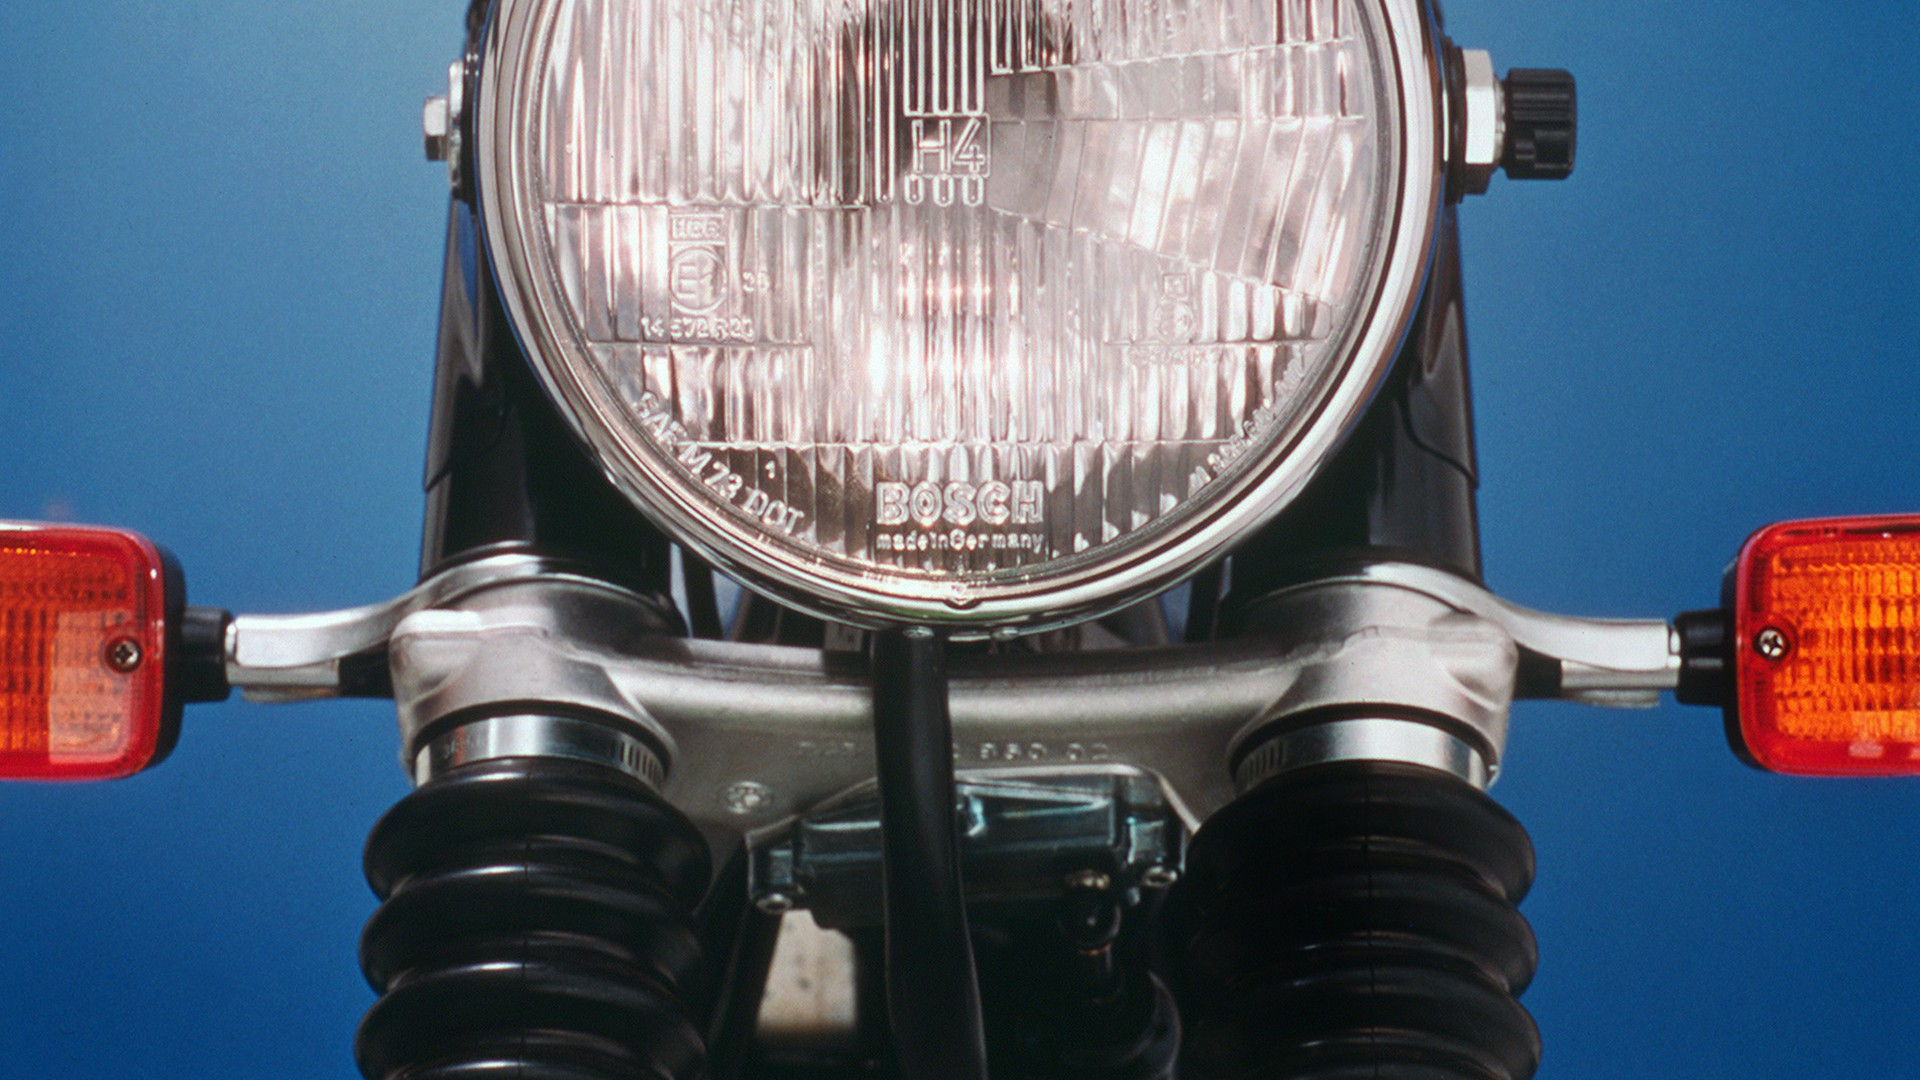 1977 год – первая система предупреждающих сигналов для мотоциклов